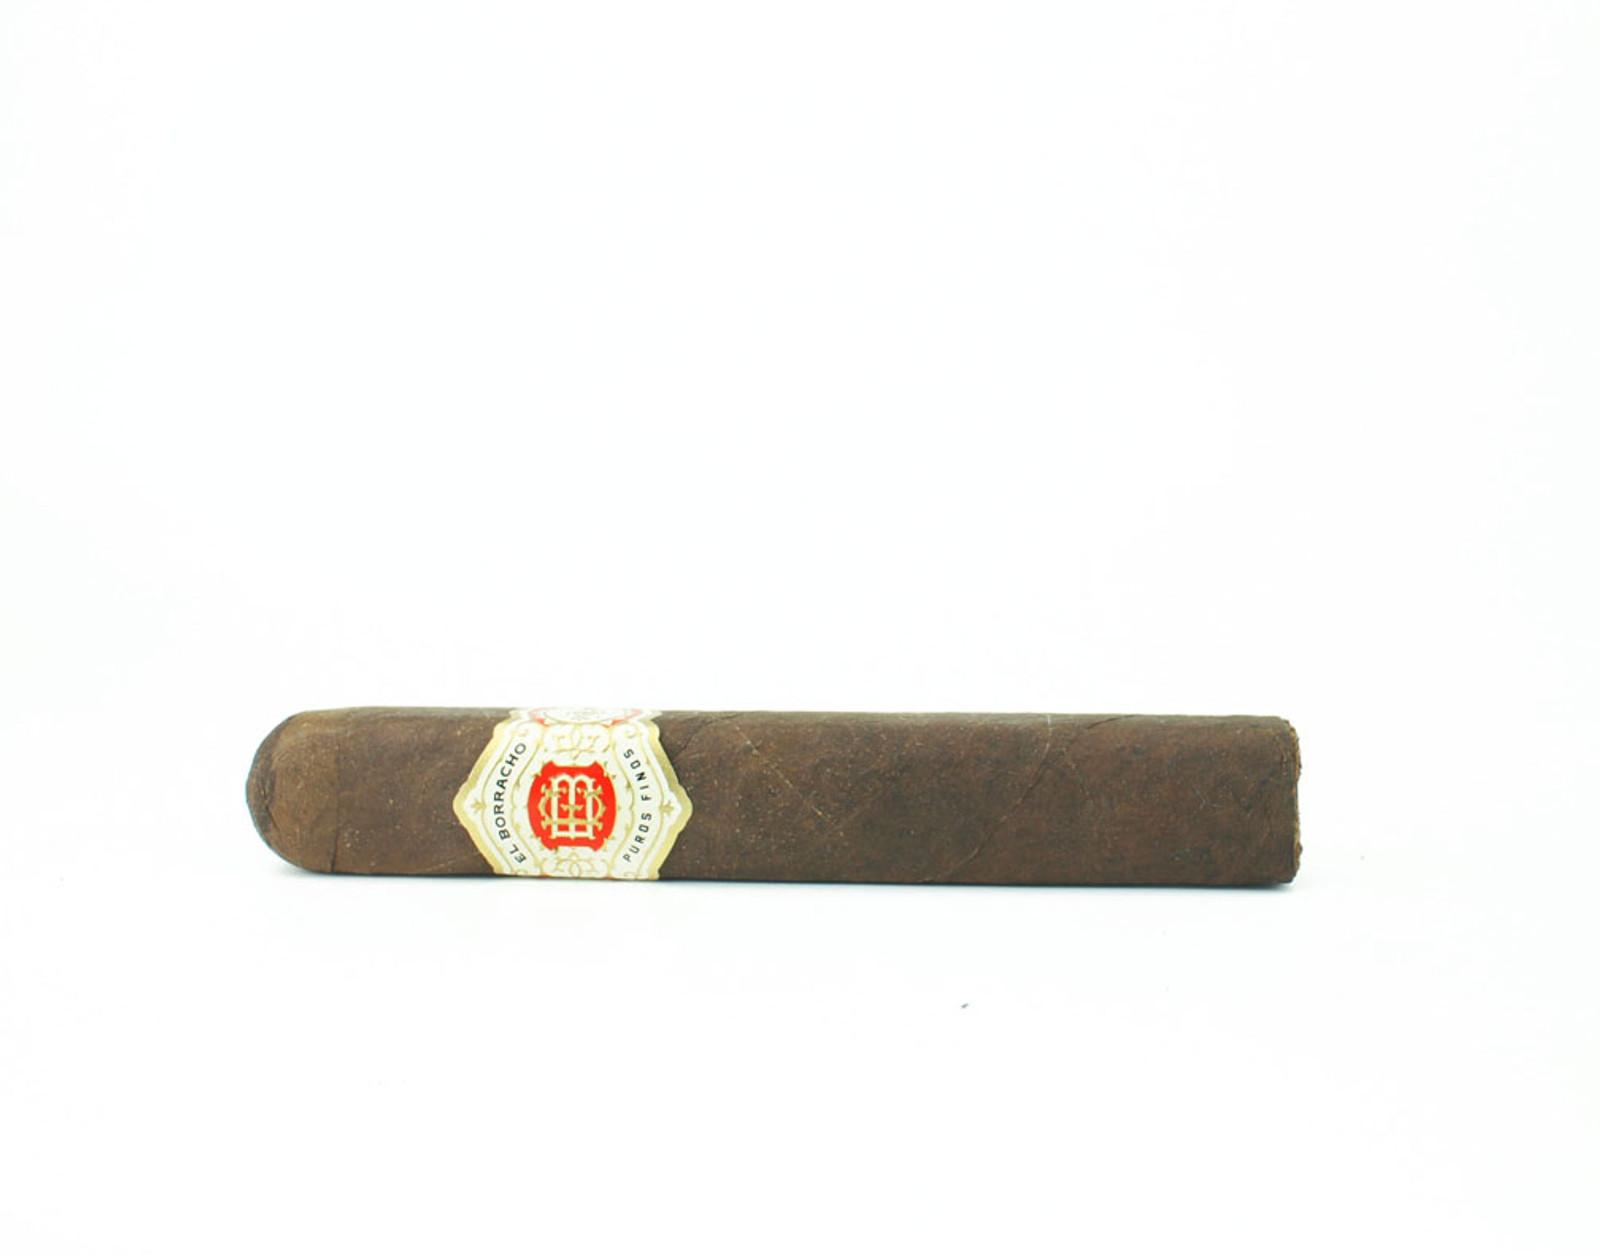 Dapper Cigar Co. El Borracho Natural Robusto